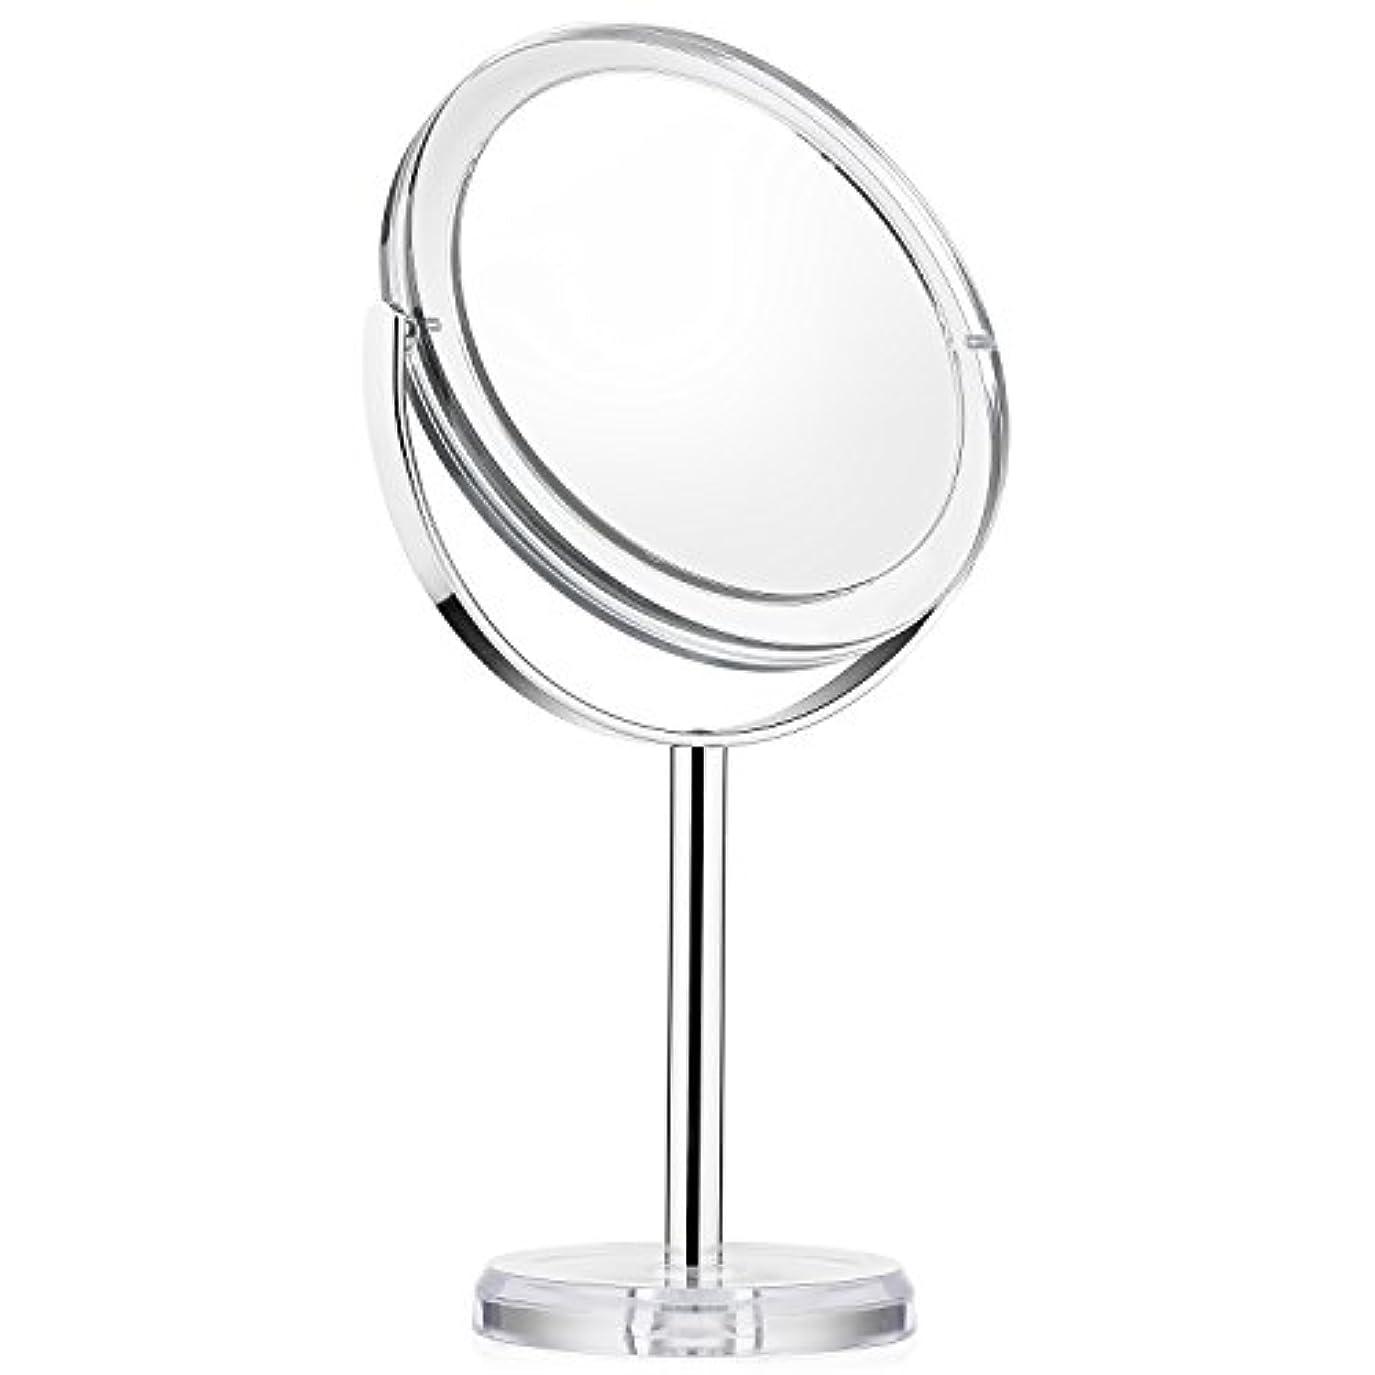 置換そこハッチ化粧ミラー Beautifive 鏡 卓上 化粧鏡 メイクミラー 卓上ミラー スタンドミラー卓上 等倍卓上両面鏡 卓上鏡 7倍拡大スタンドミラー 360°回転可 光学レズン高解像度